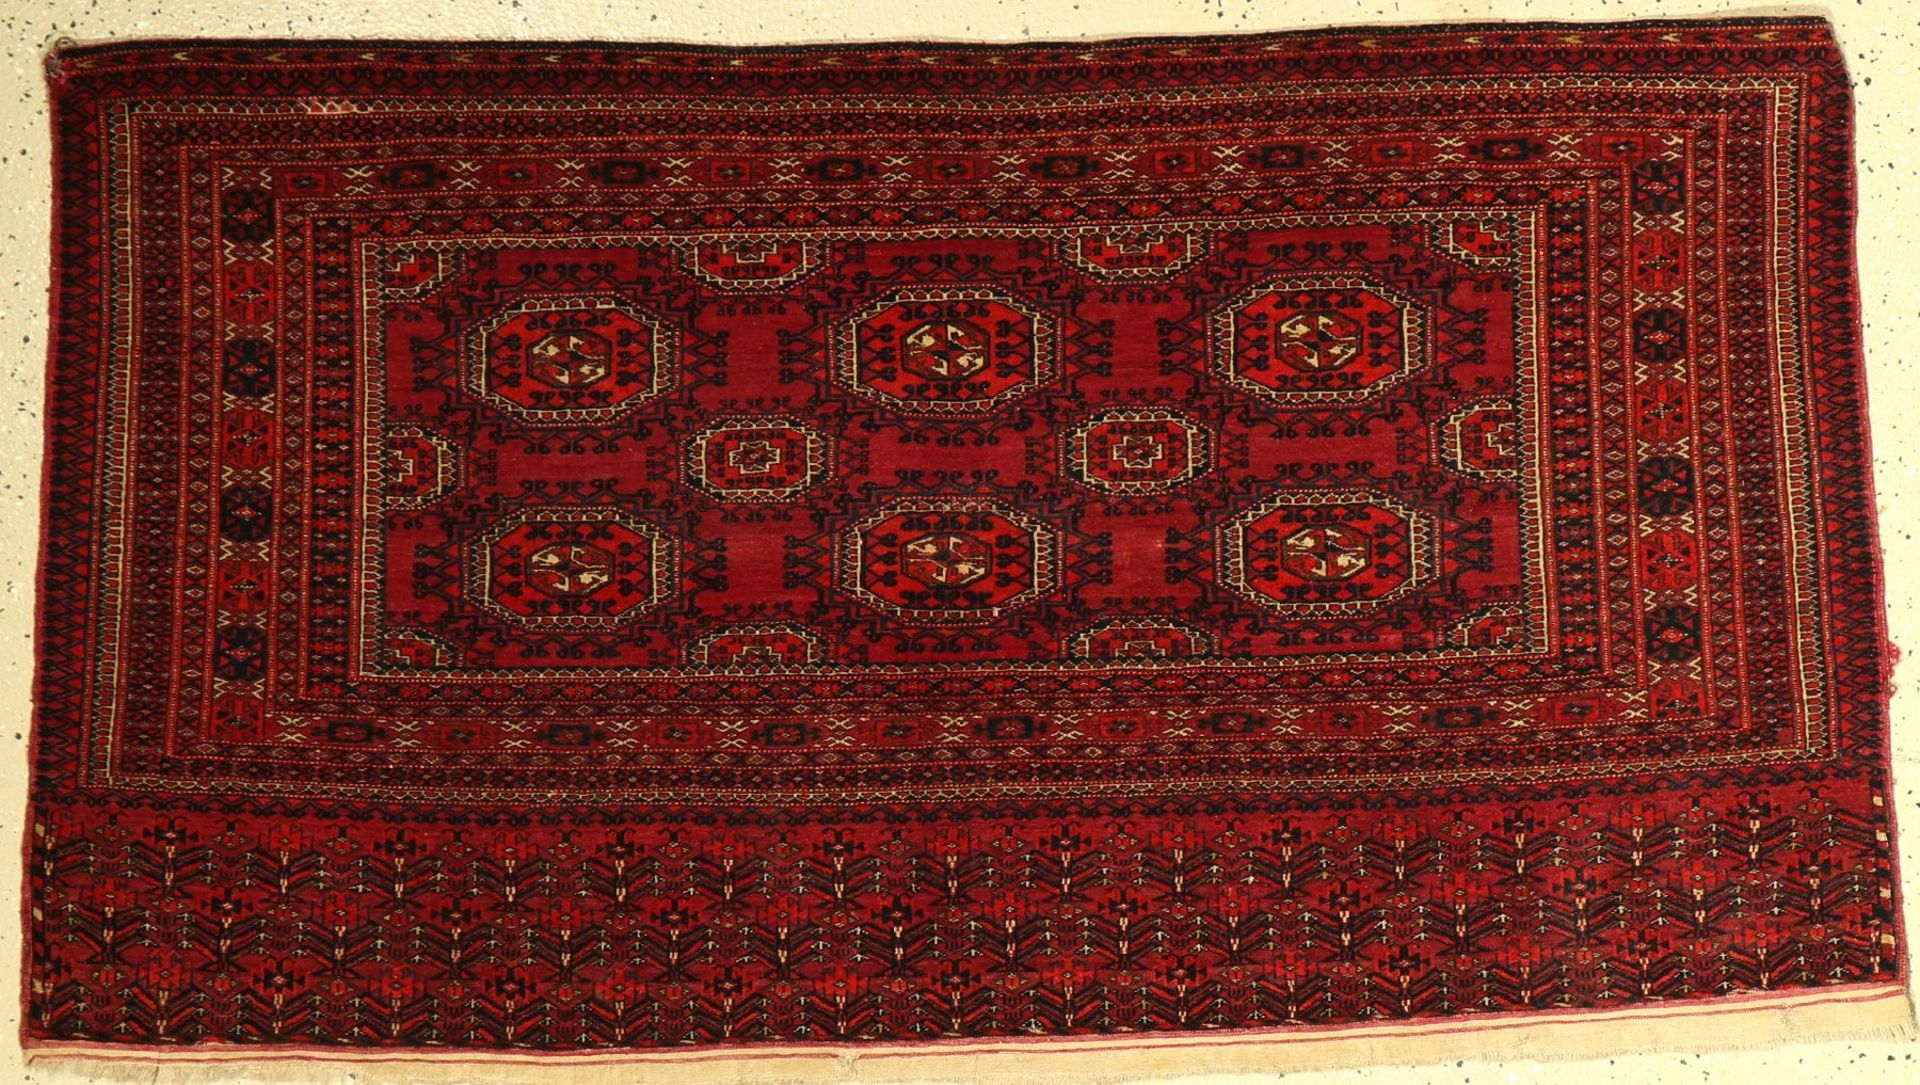 Tekke Tschowal antik, Turkmenistan, um 1900, Wolle auf Wolle, ca. 140 x 80 cm, EHZ: 3